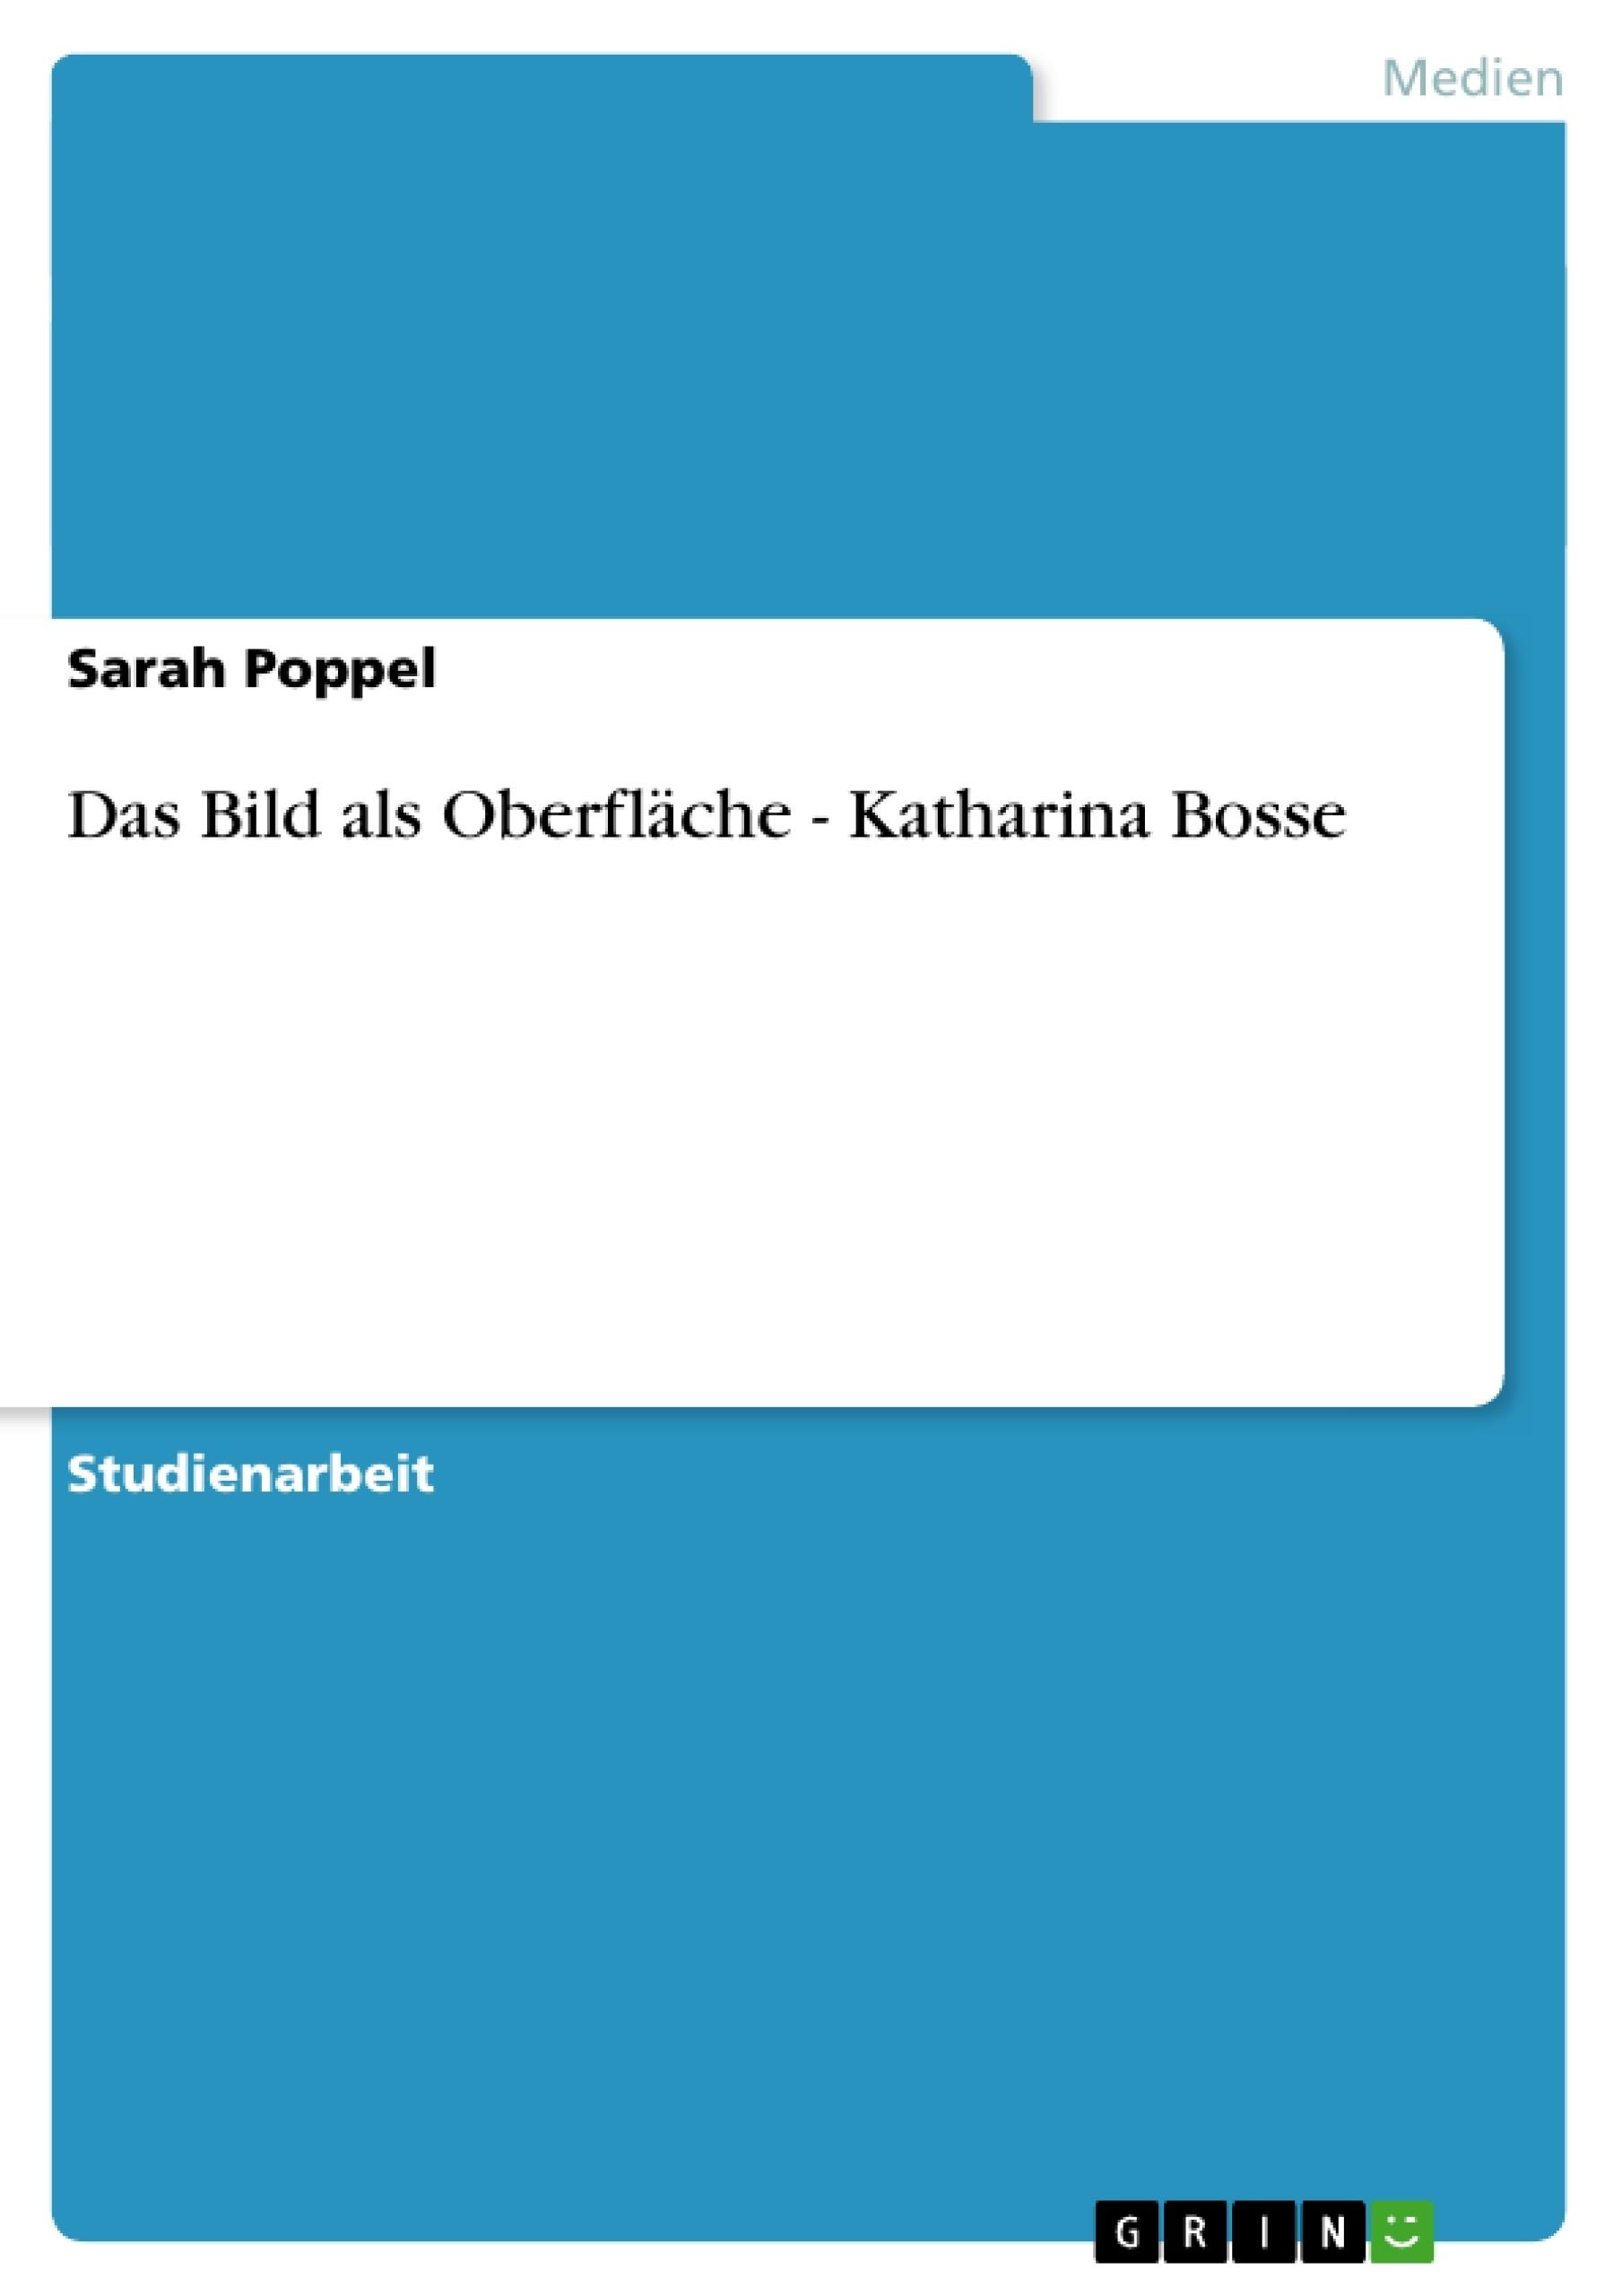 Titel: Das Bild als Oberfläche - Katharina Bosse